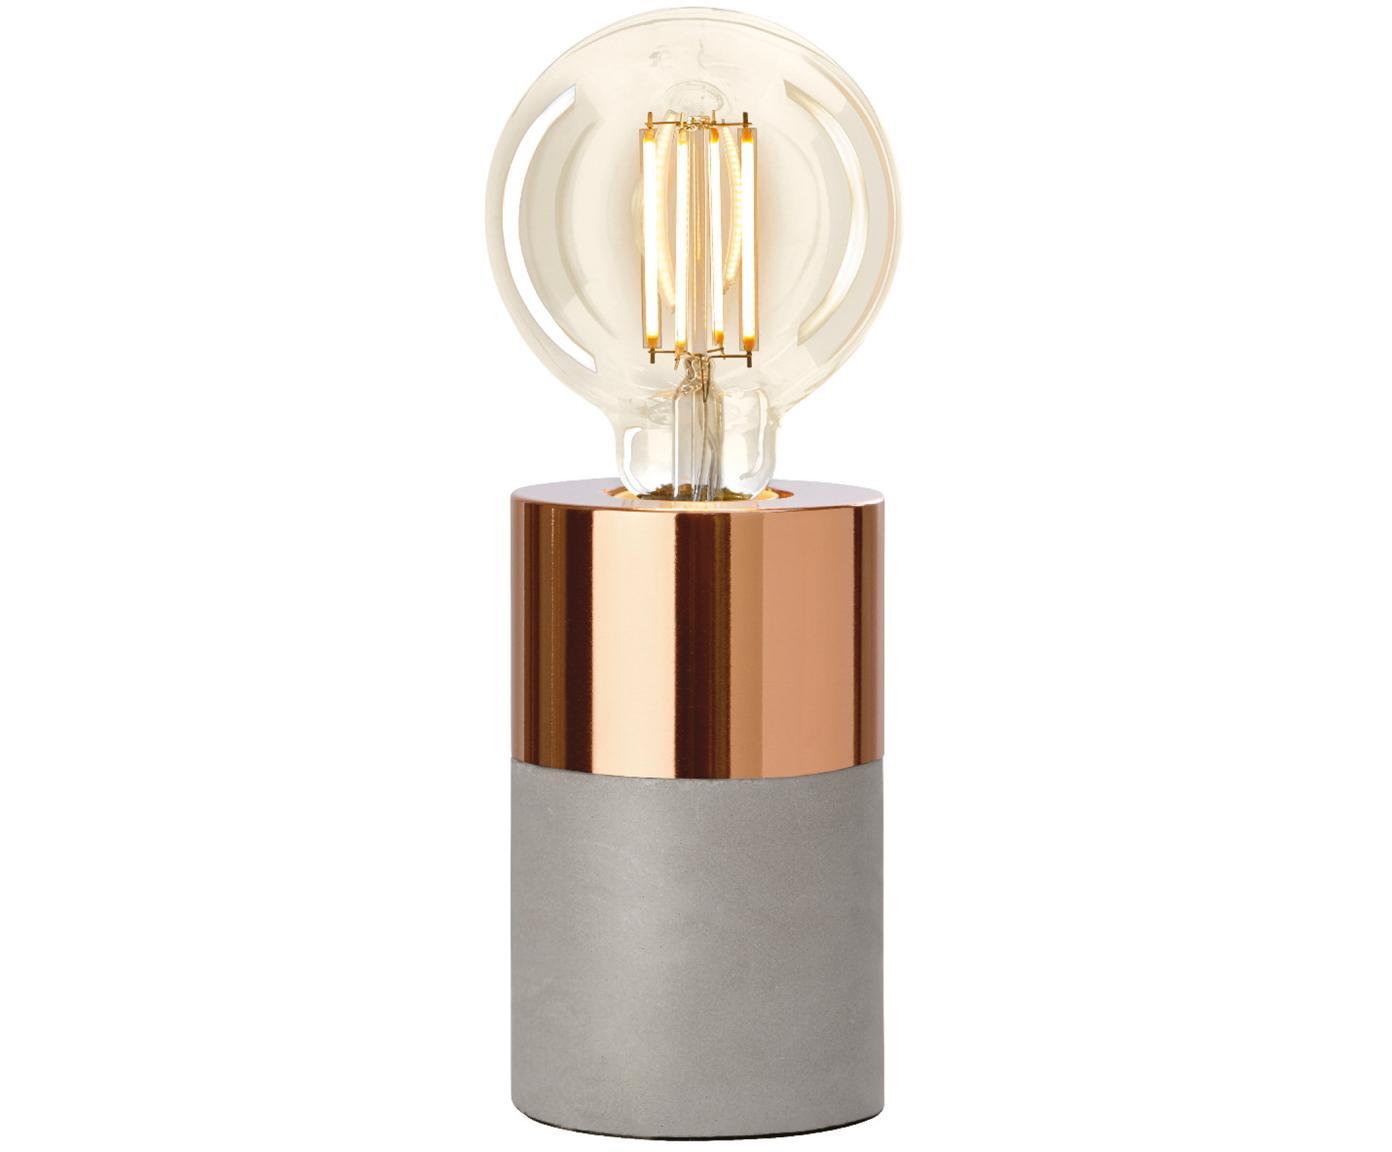 Lámpara de mesa de cemento Athen, Gris, cobre, Ø 8 x Al 14 cm